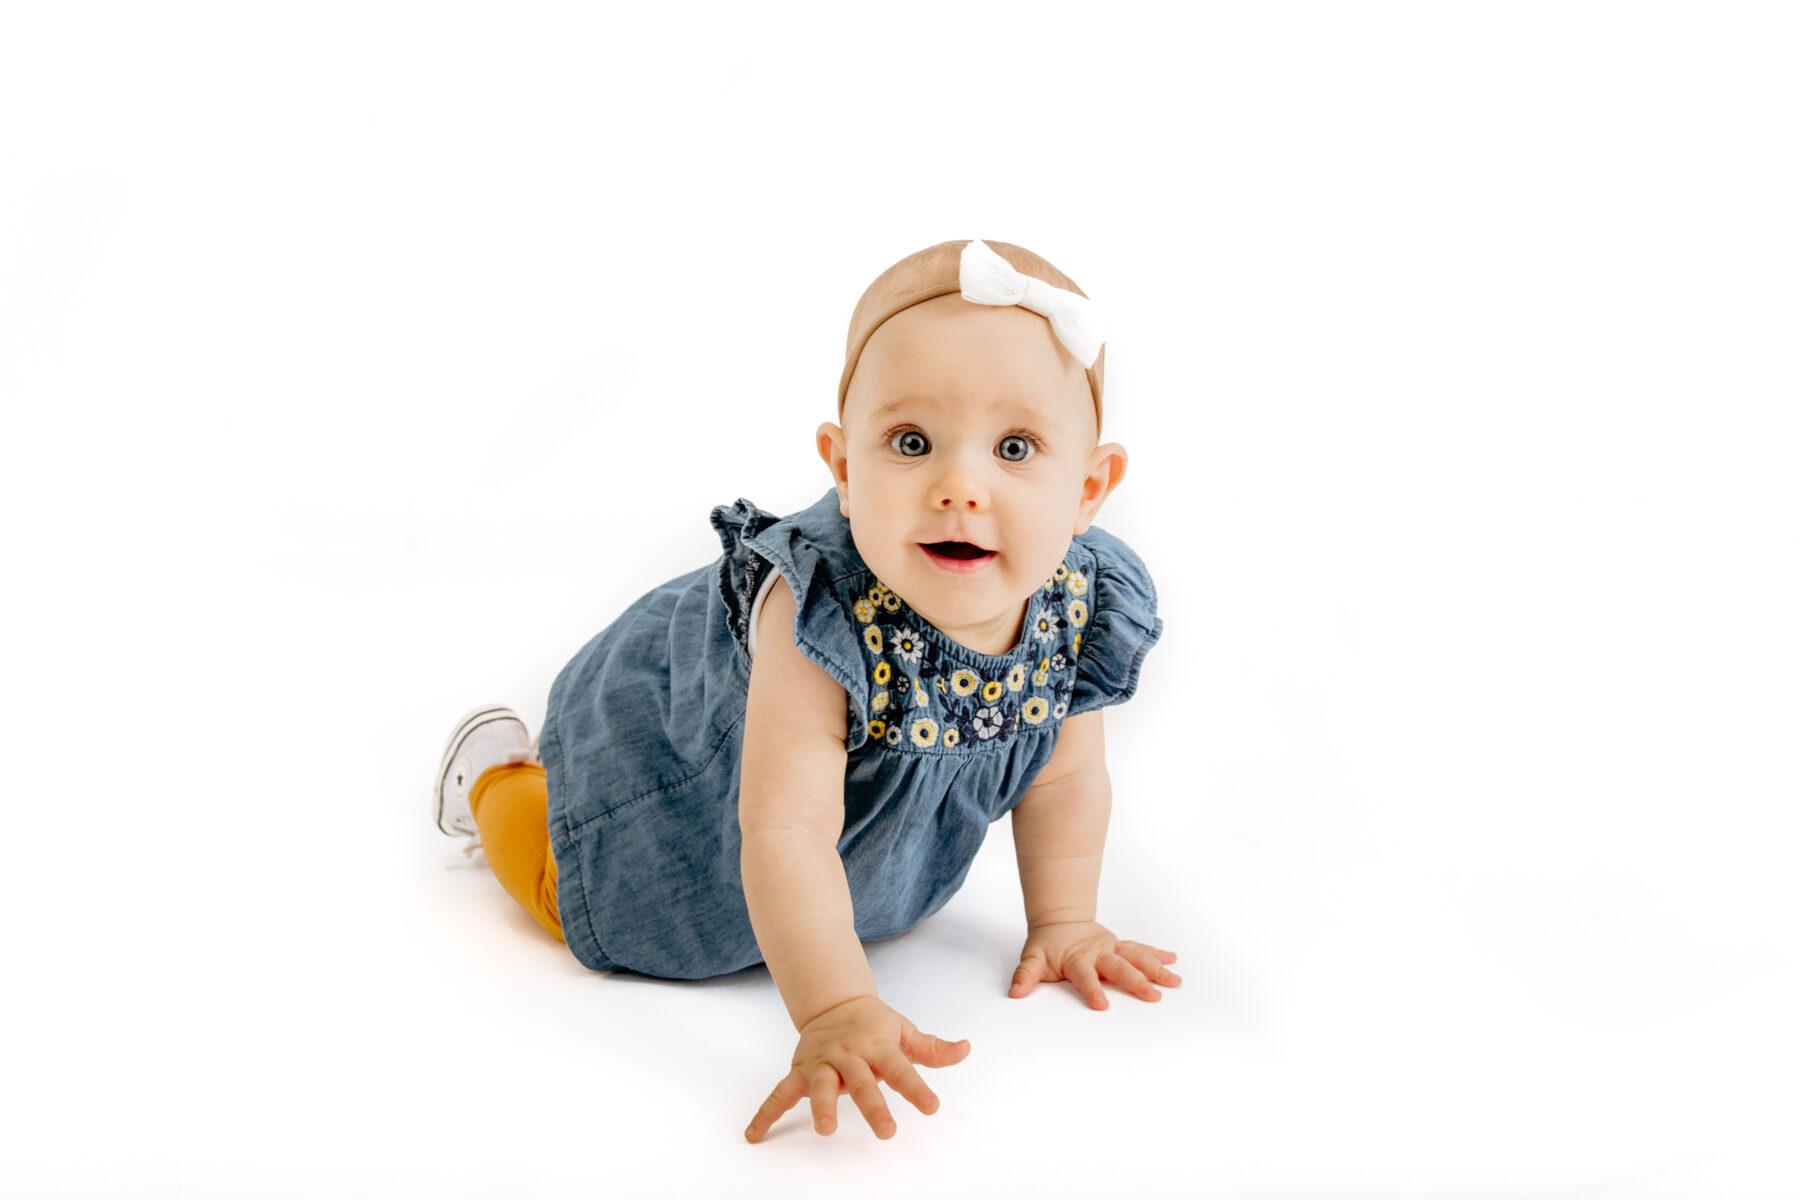 Fotografiranje V - Luanina pravljica - fotografiranje nosecnic, novorojenckov, malckov, cake smash fotografija 3